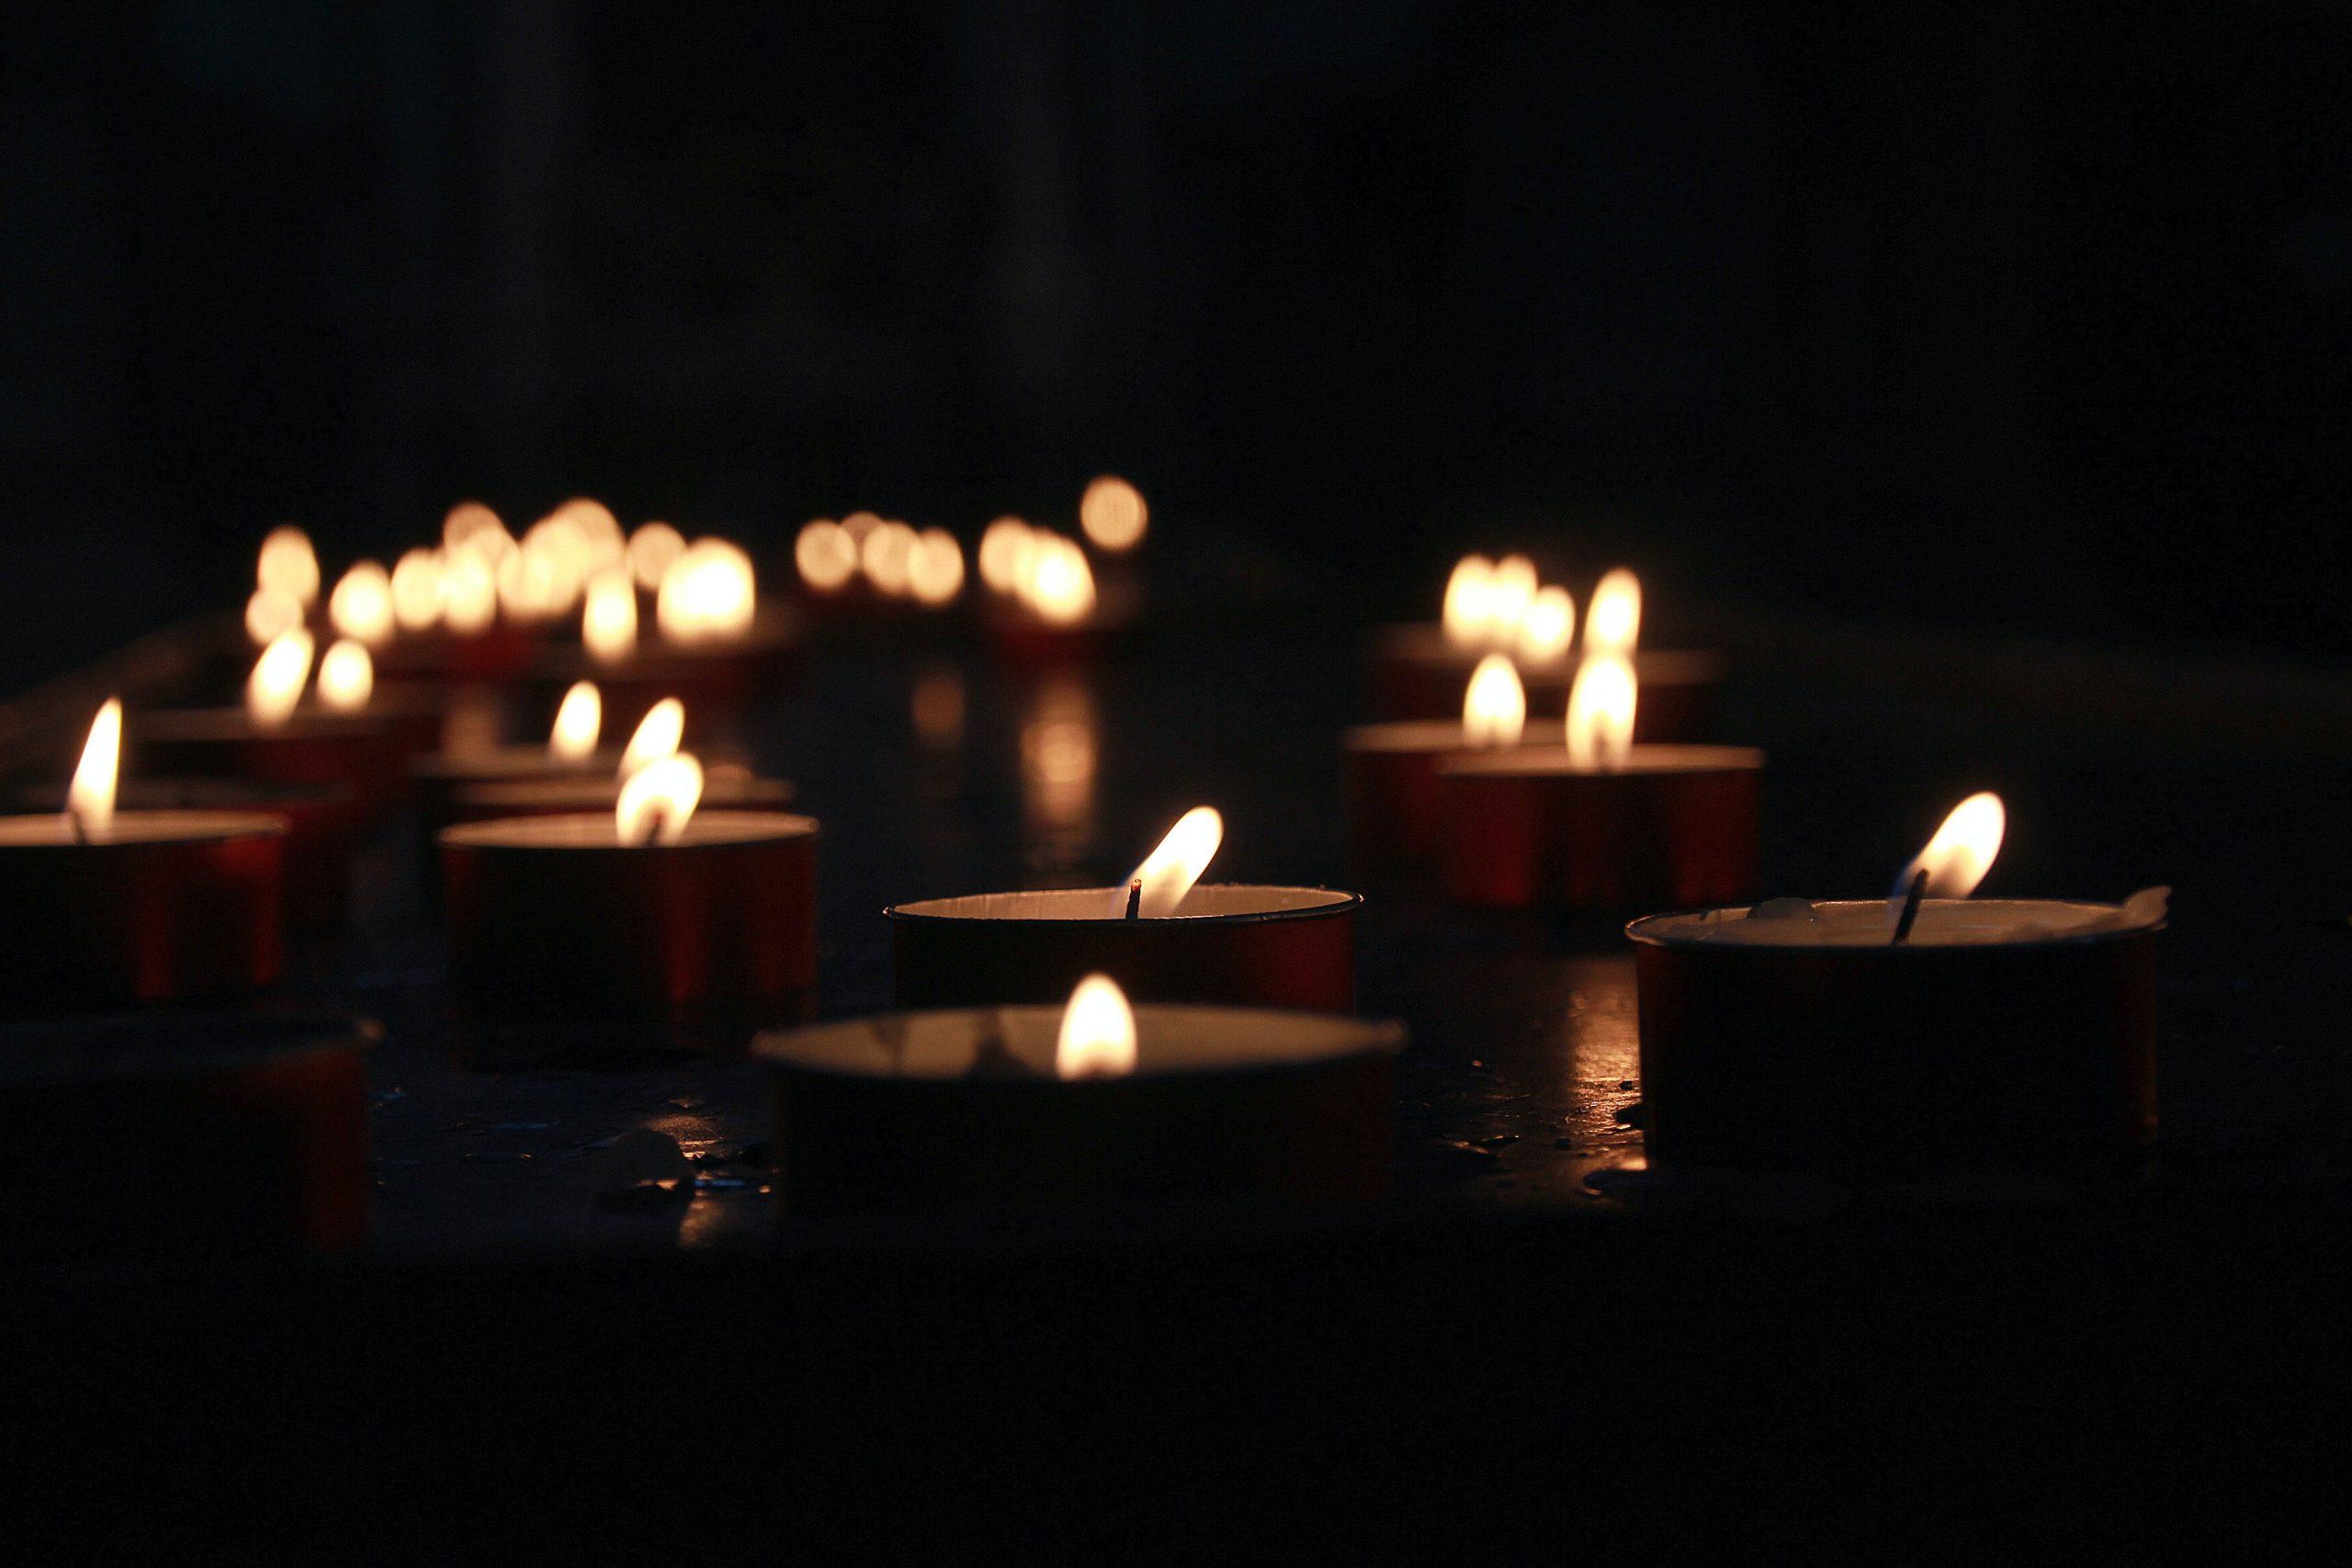 Journée internationale de commémoration en mémoire des victimes de l'Holocauste : se souvenir et continuer à agir